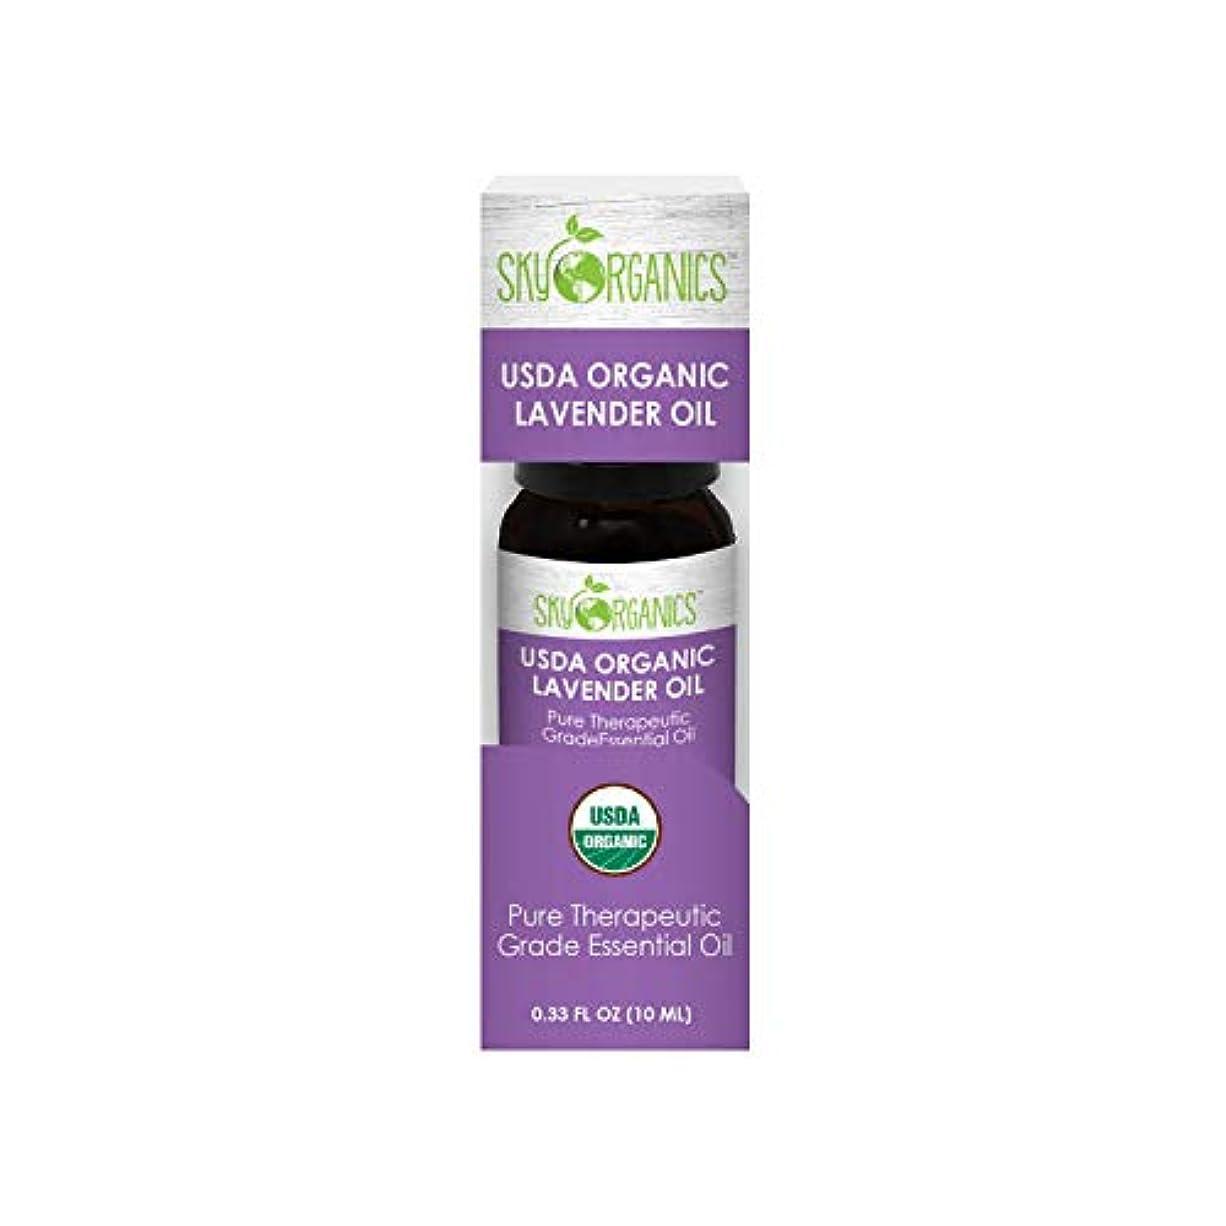 版月ロデオSky Organics USDAオーガニックラベンダーオイル-10 ml-ピュアセラピューティックグレードのエッセンシャルオイル-ディフューザー、アロマセラピー、マッサージオイル、DIY